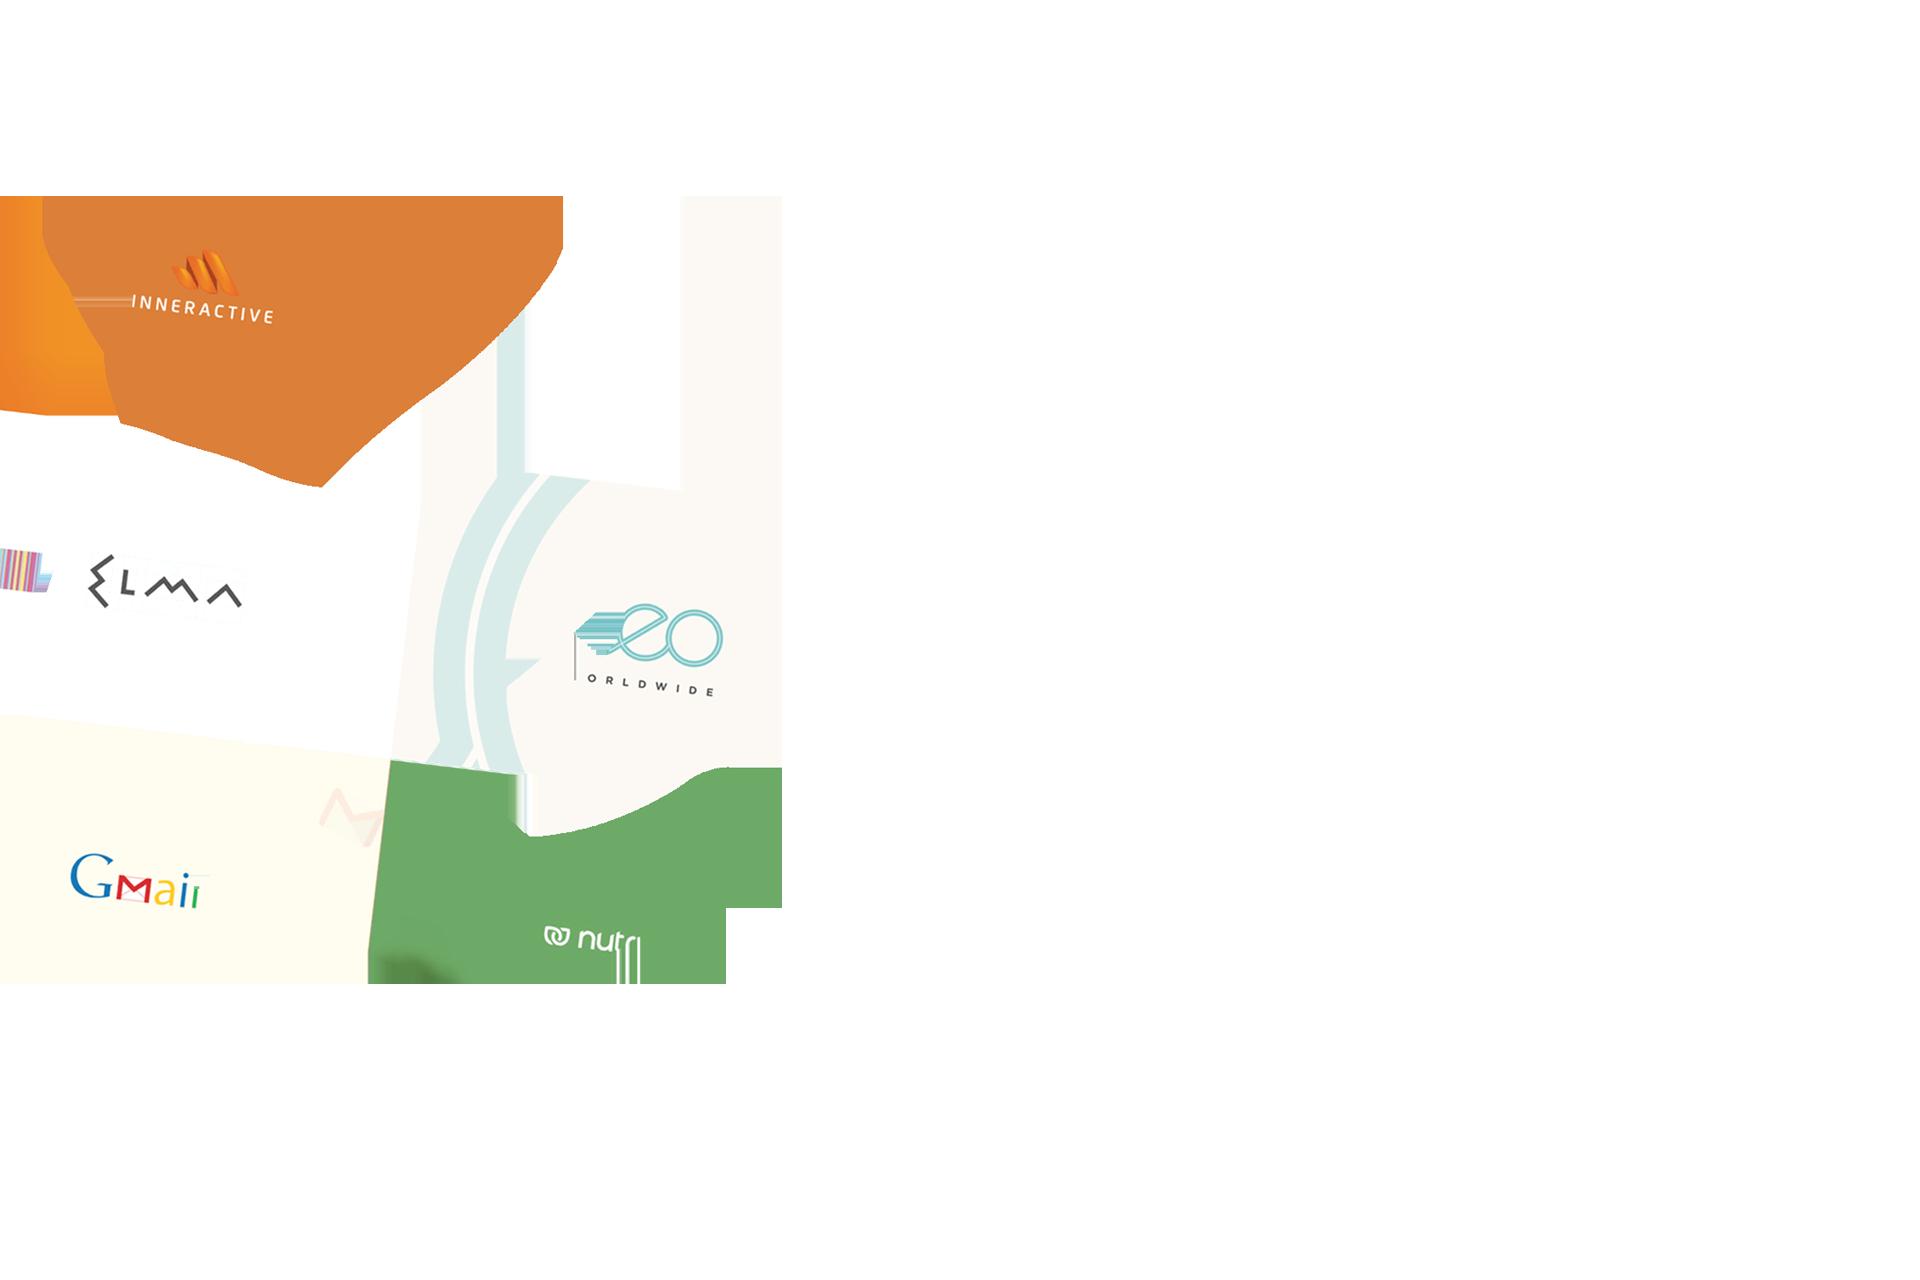 Natie Branding Agency